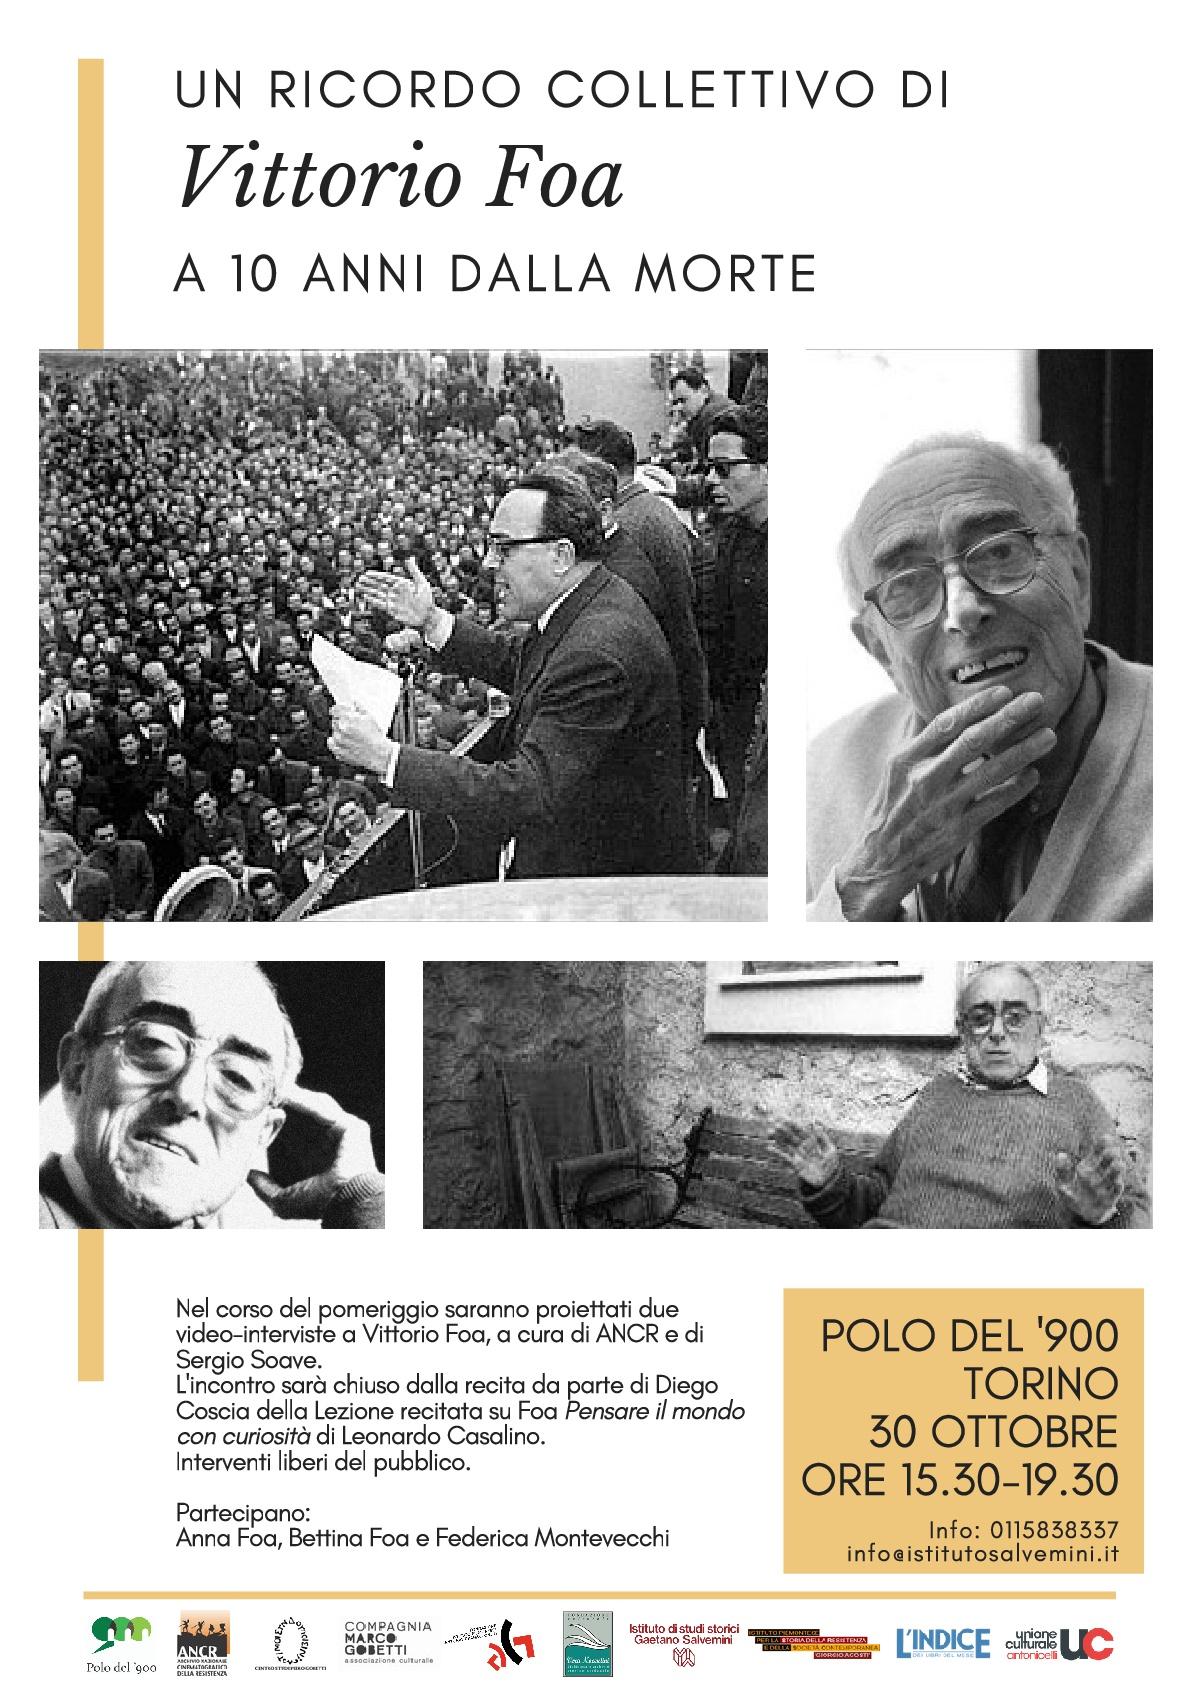 Vittorio_Foa-001